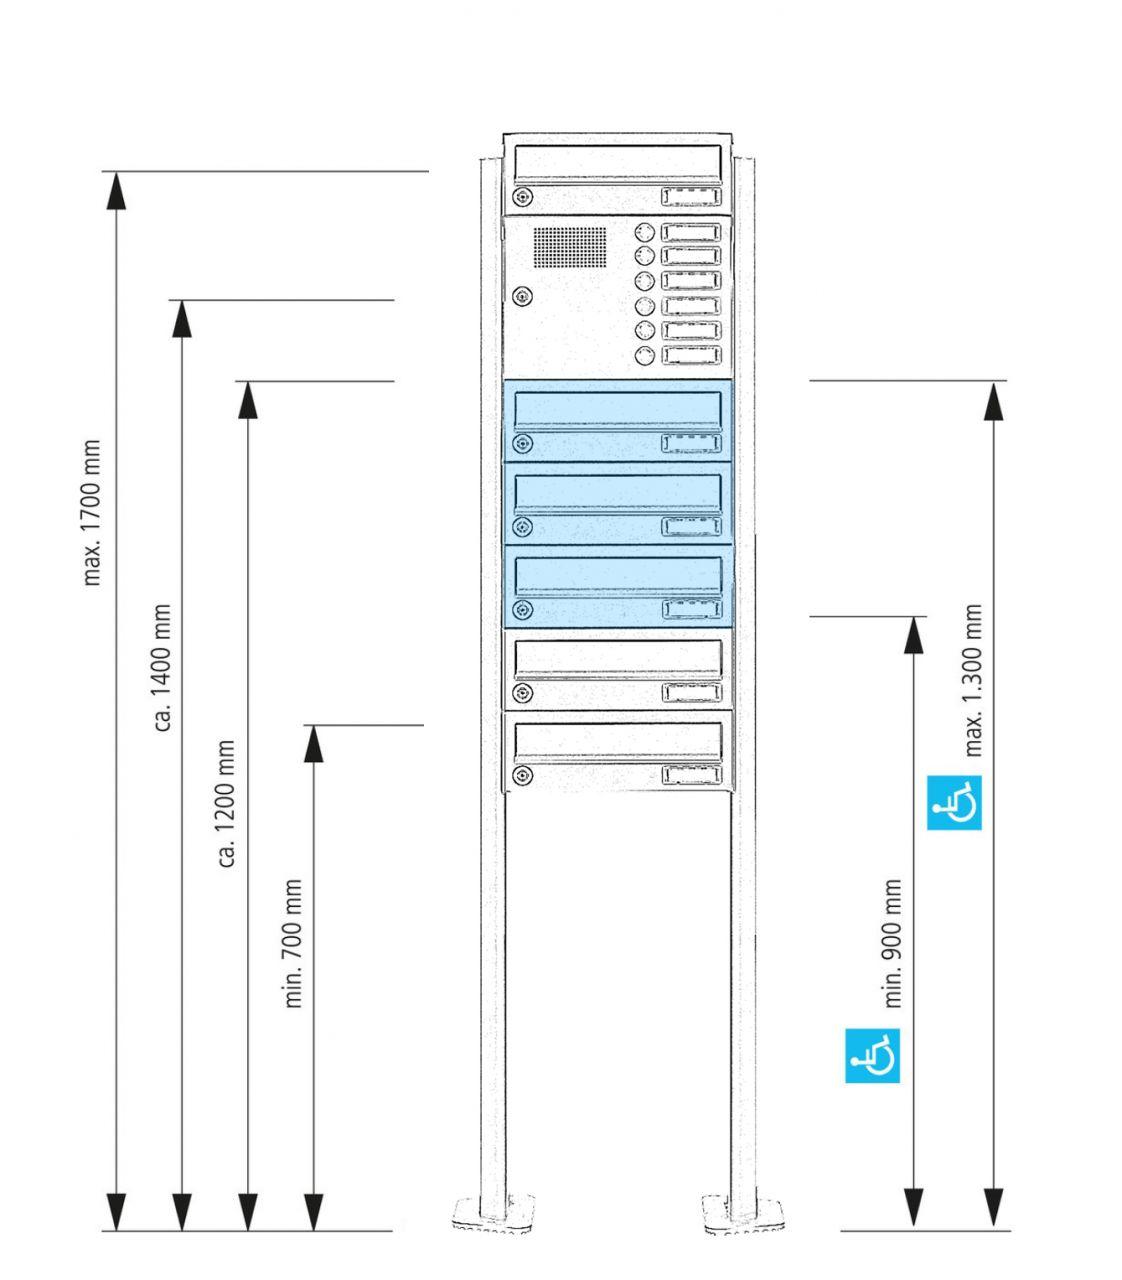 Briefkasten-DIN-Norm-DIN-EN-13724oS7SV8s62skYn